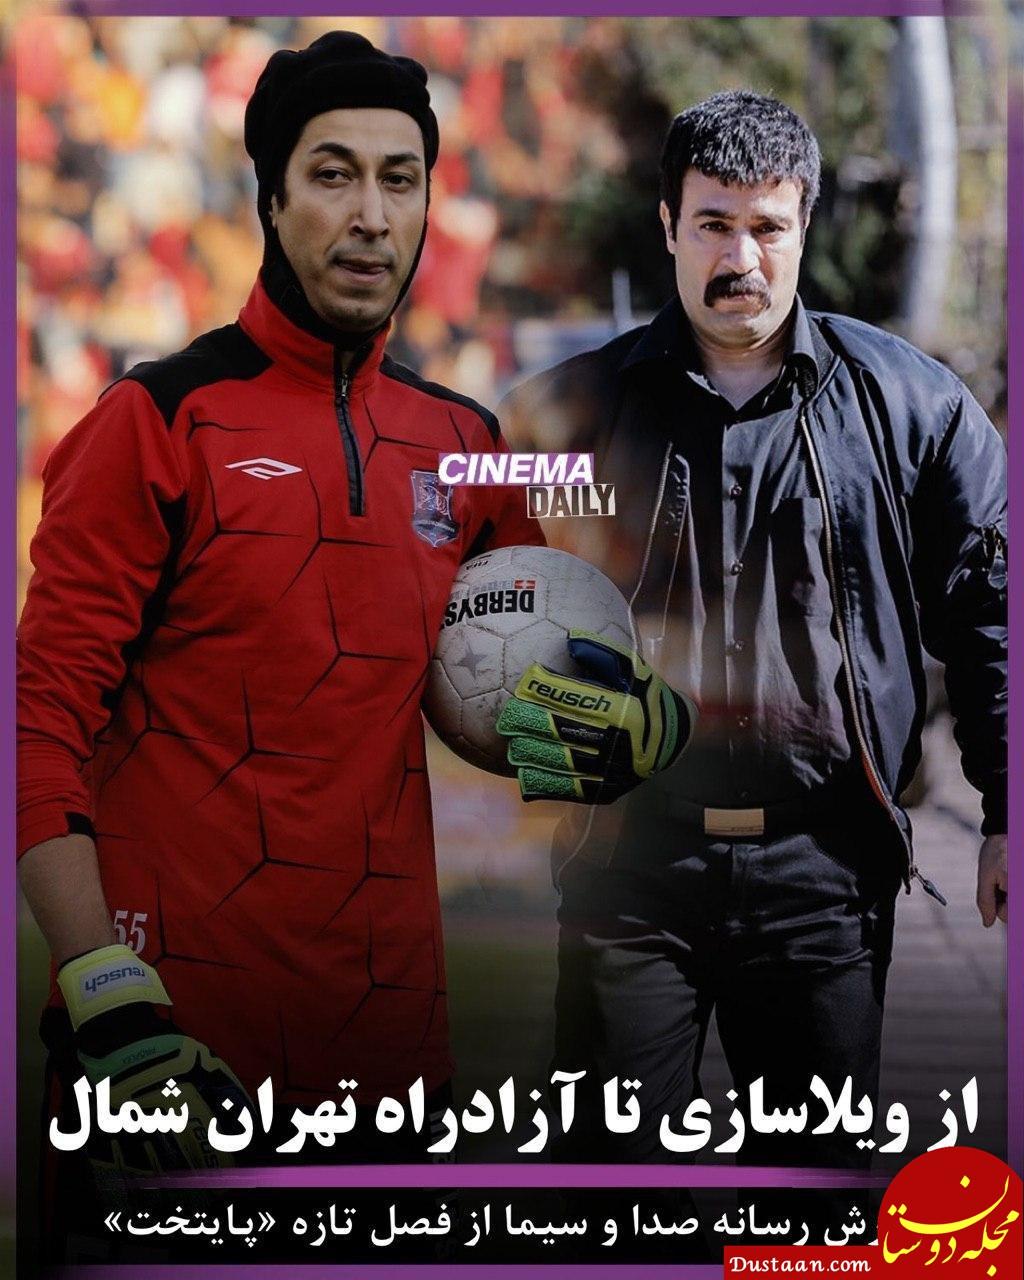 فصل 6 سریال پایتخت : از ویلاسازی تا آزادراه تهران شمال